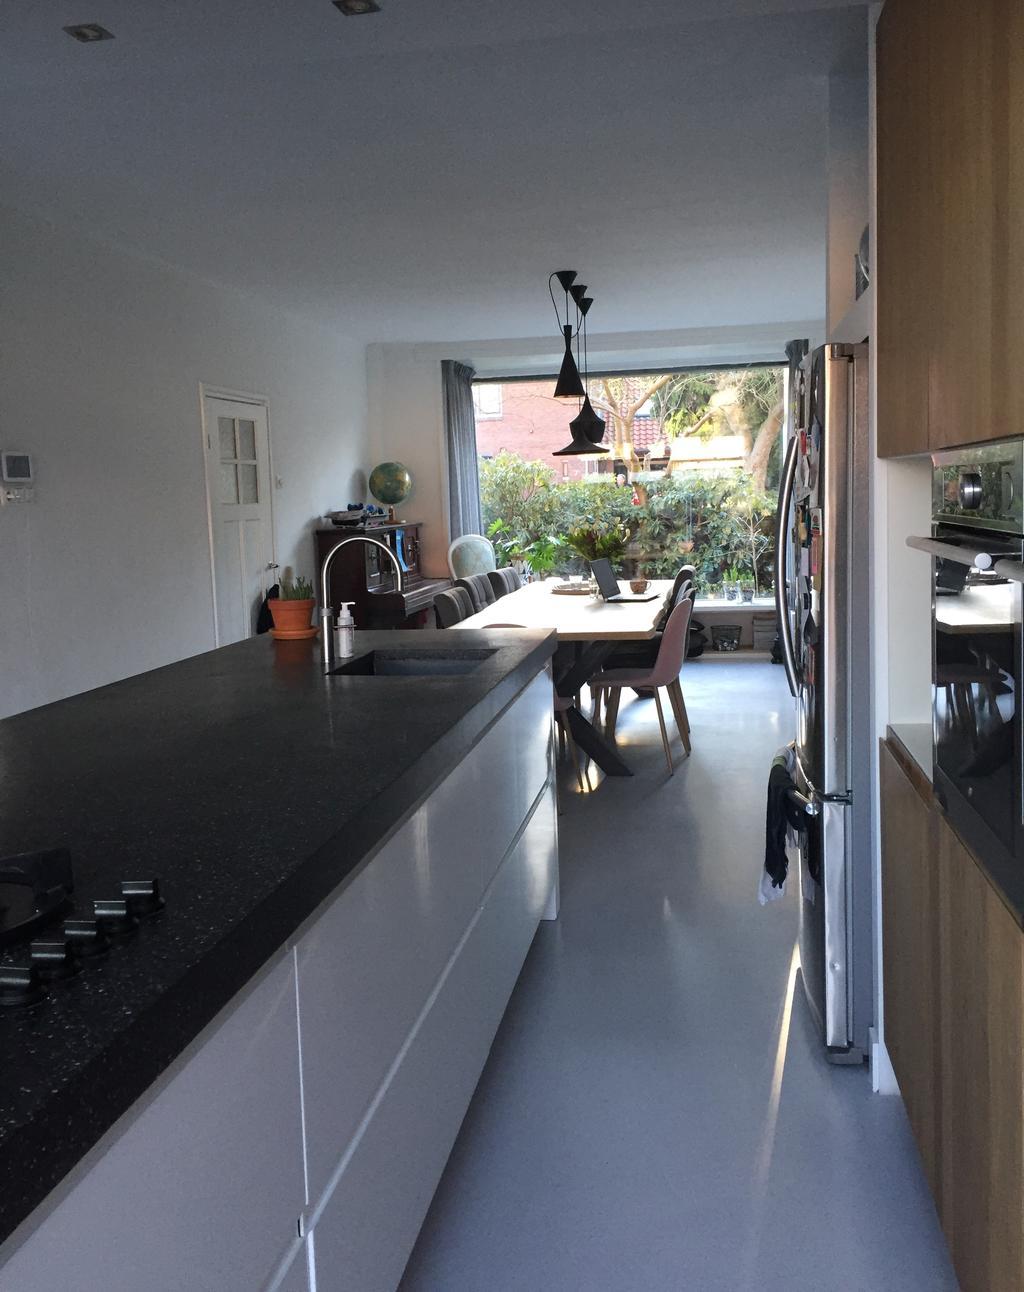 tijdens-verbouwing-van-ons-huis-4-jaar-geleden-hebben-we-de-keuken-verplaatst-naar-de-voormalige-woonkamer